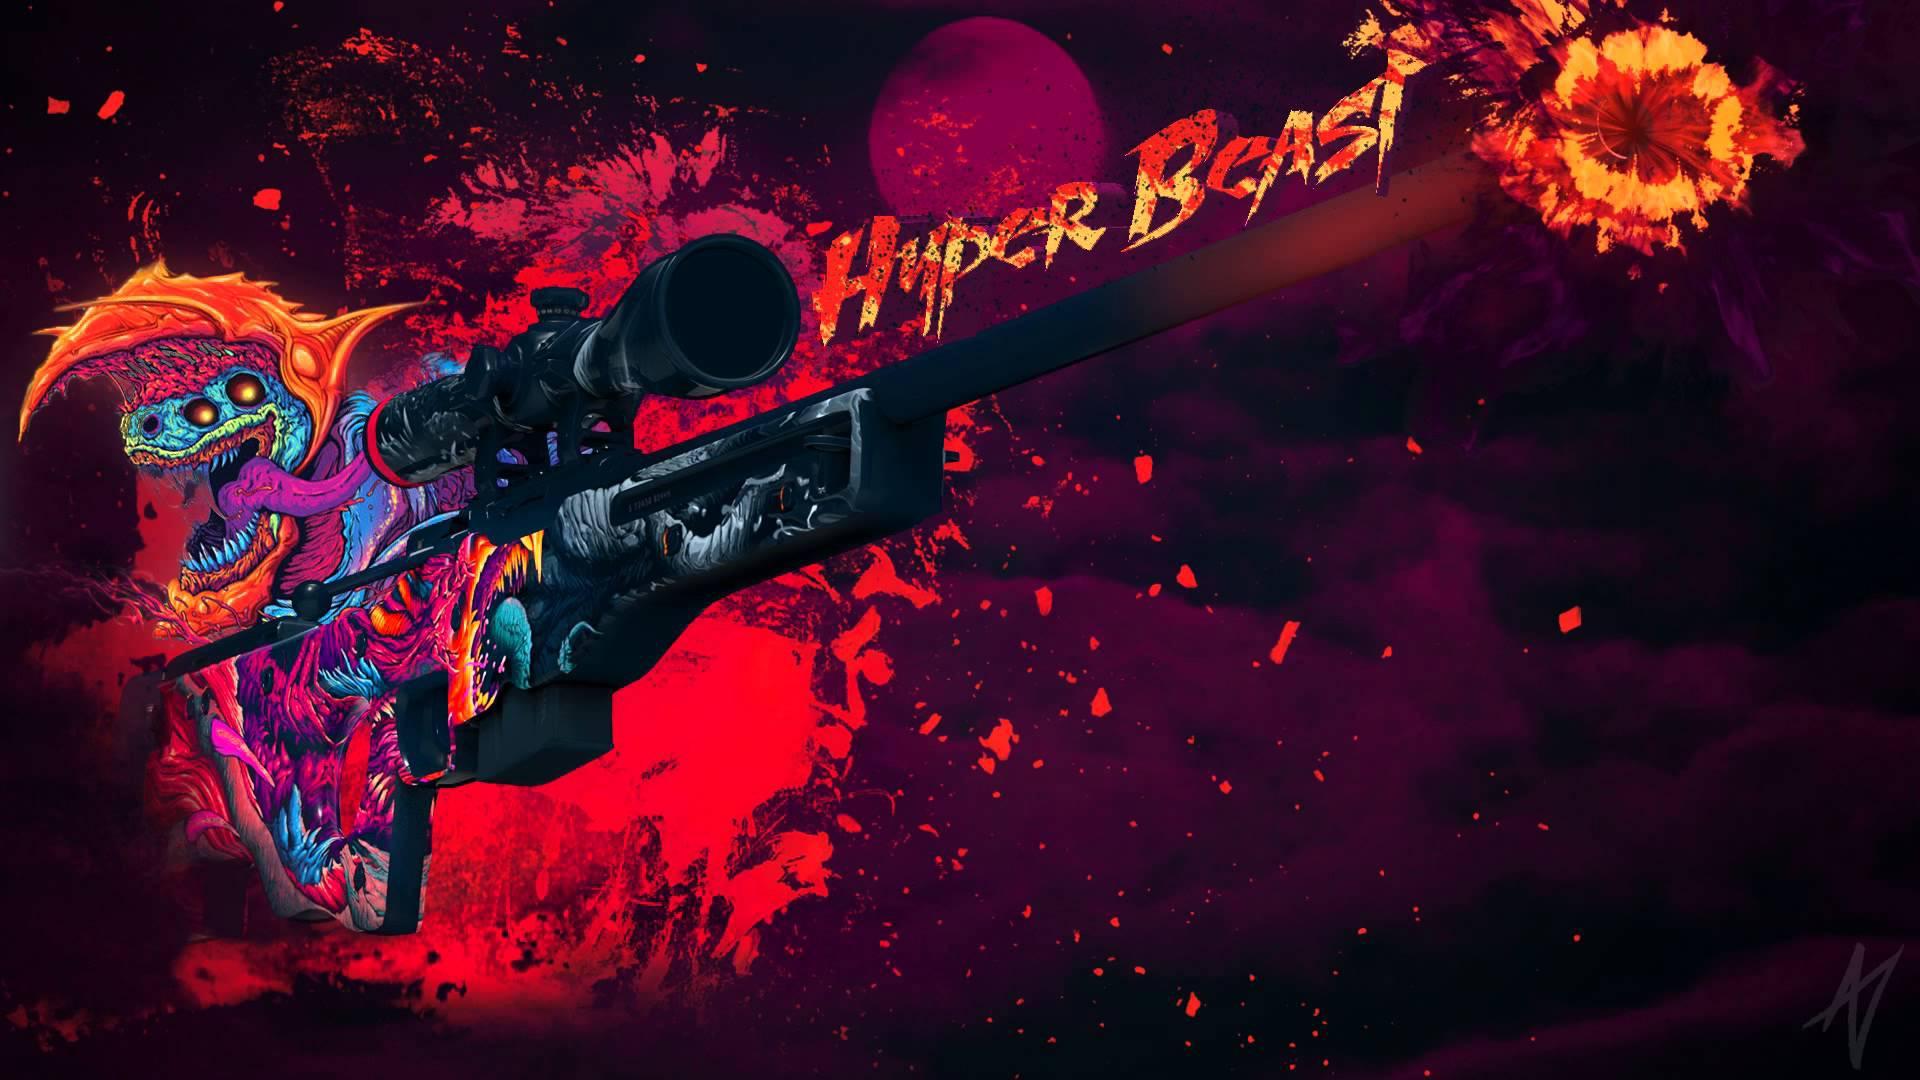 csgo-wallpaper-hyper-beast_hu6c4c40f5d9f1f8aaa27fcd30a8198170_186499_1920x1080_resize_q75_lanczos